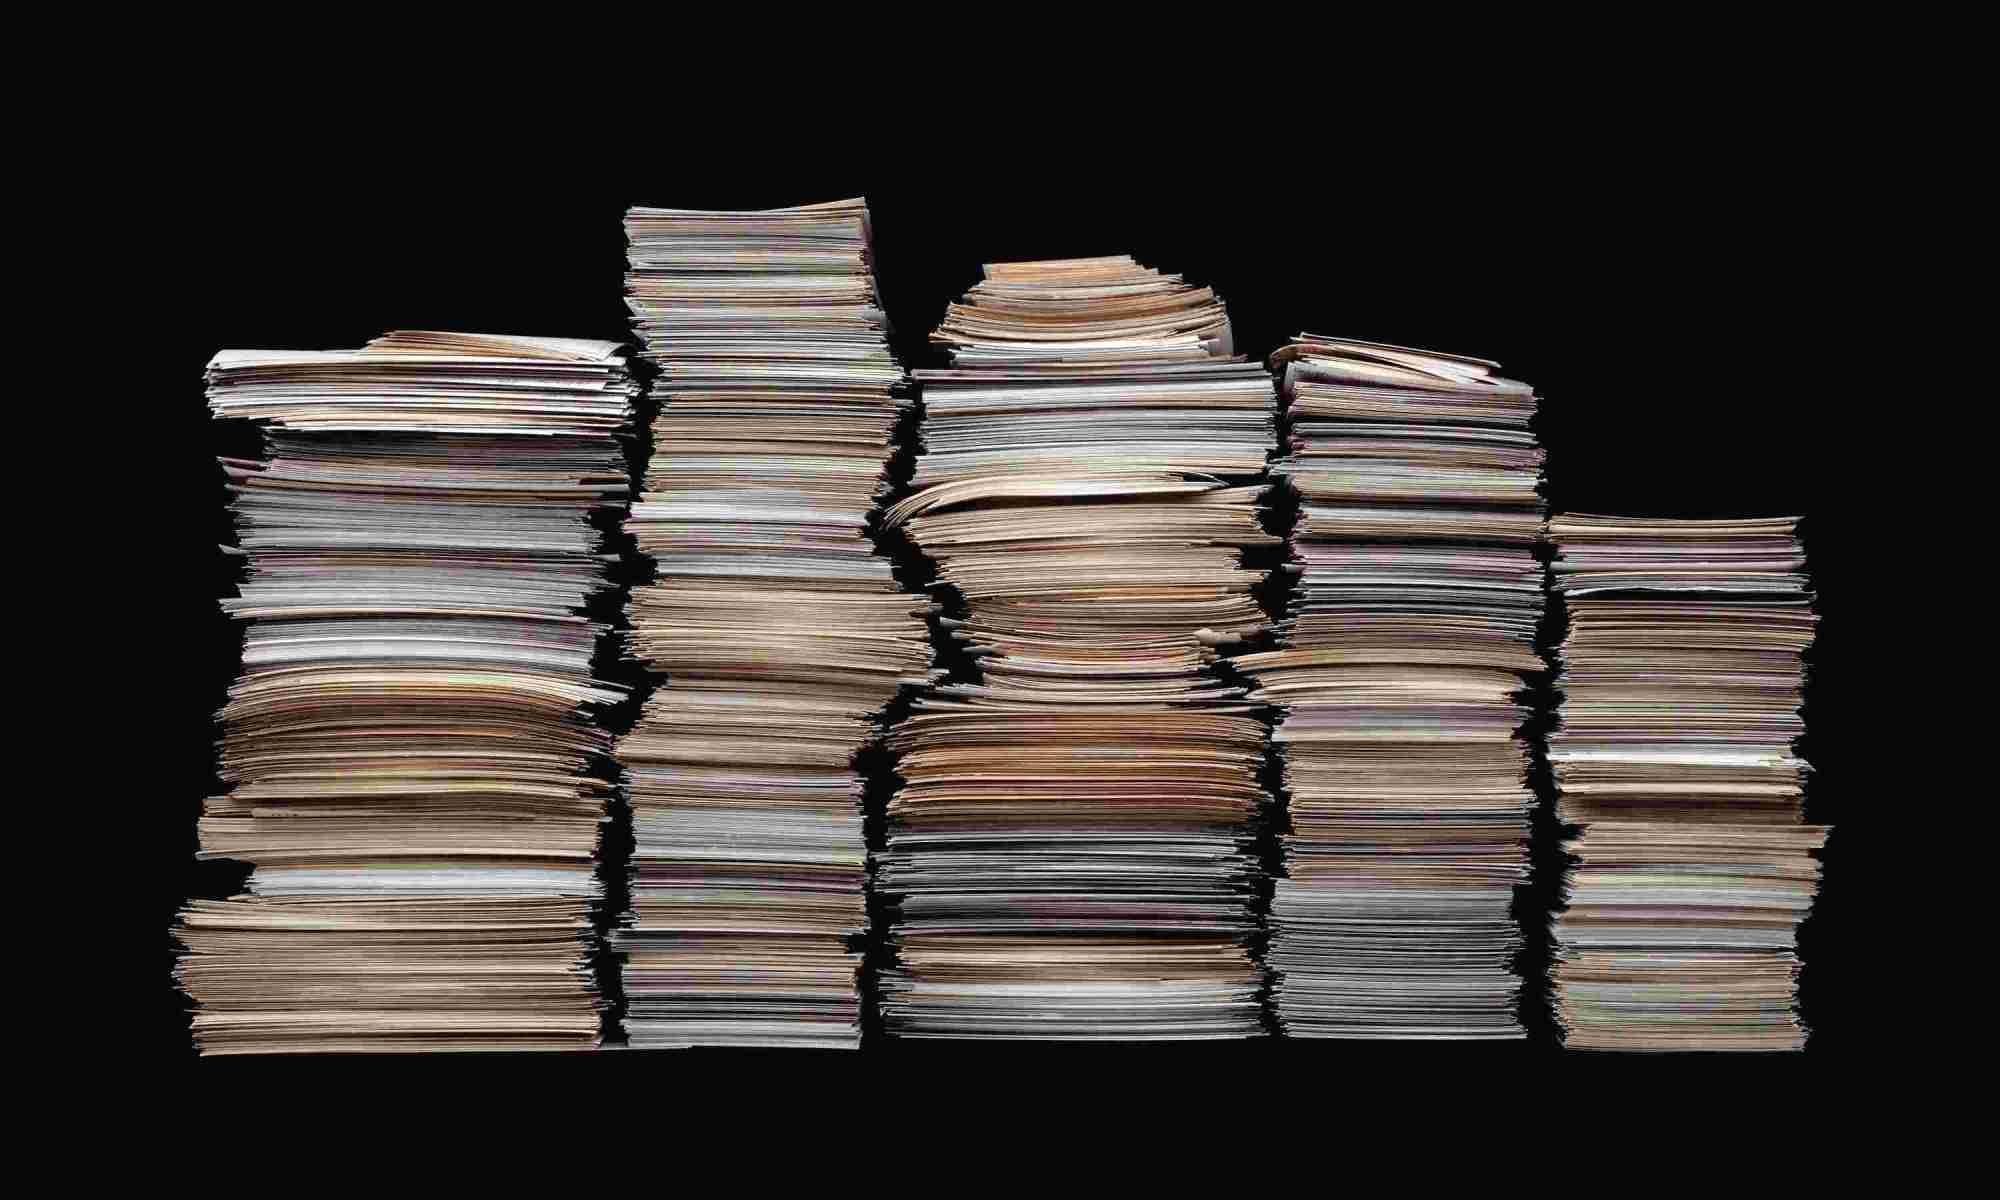 Simplifying Stacks of Paper